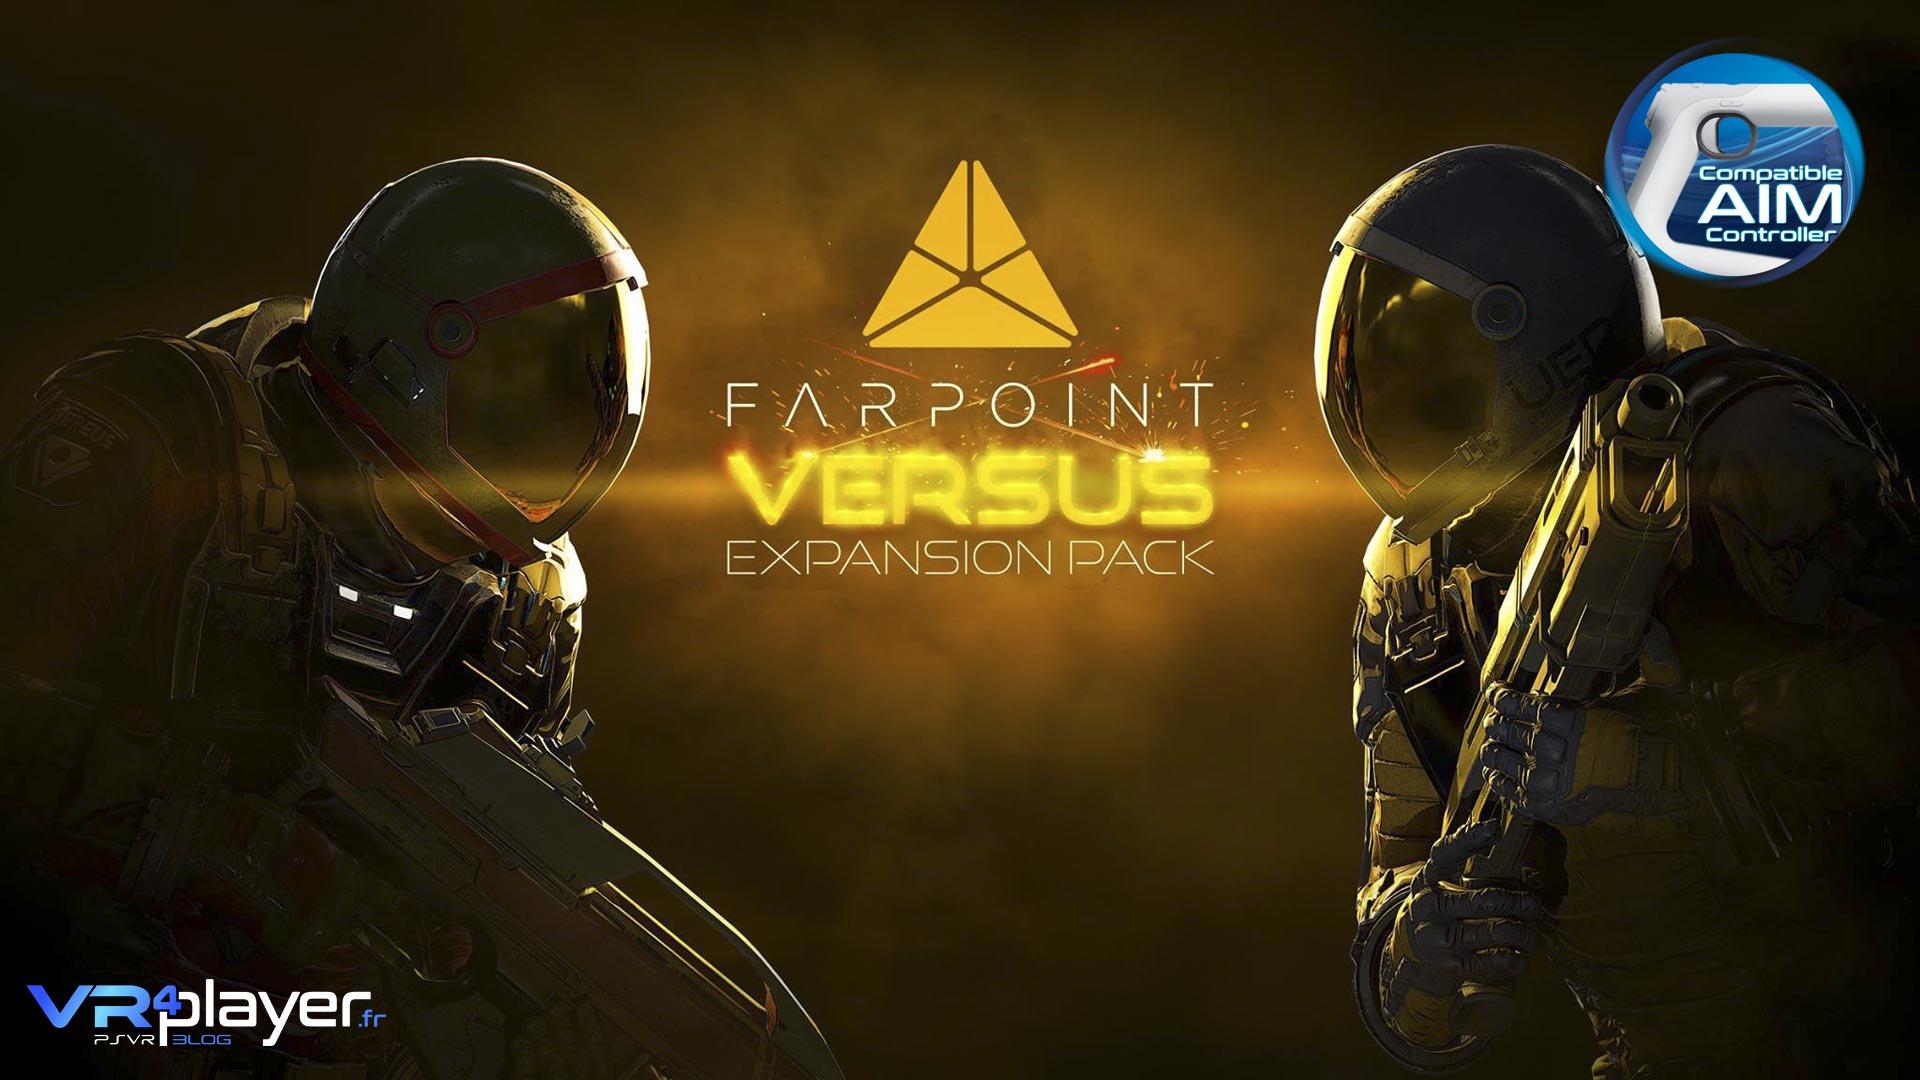 Farpoint Versus, nouveau DLC sur PSVR - vrplayer.fr